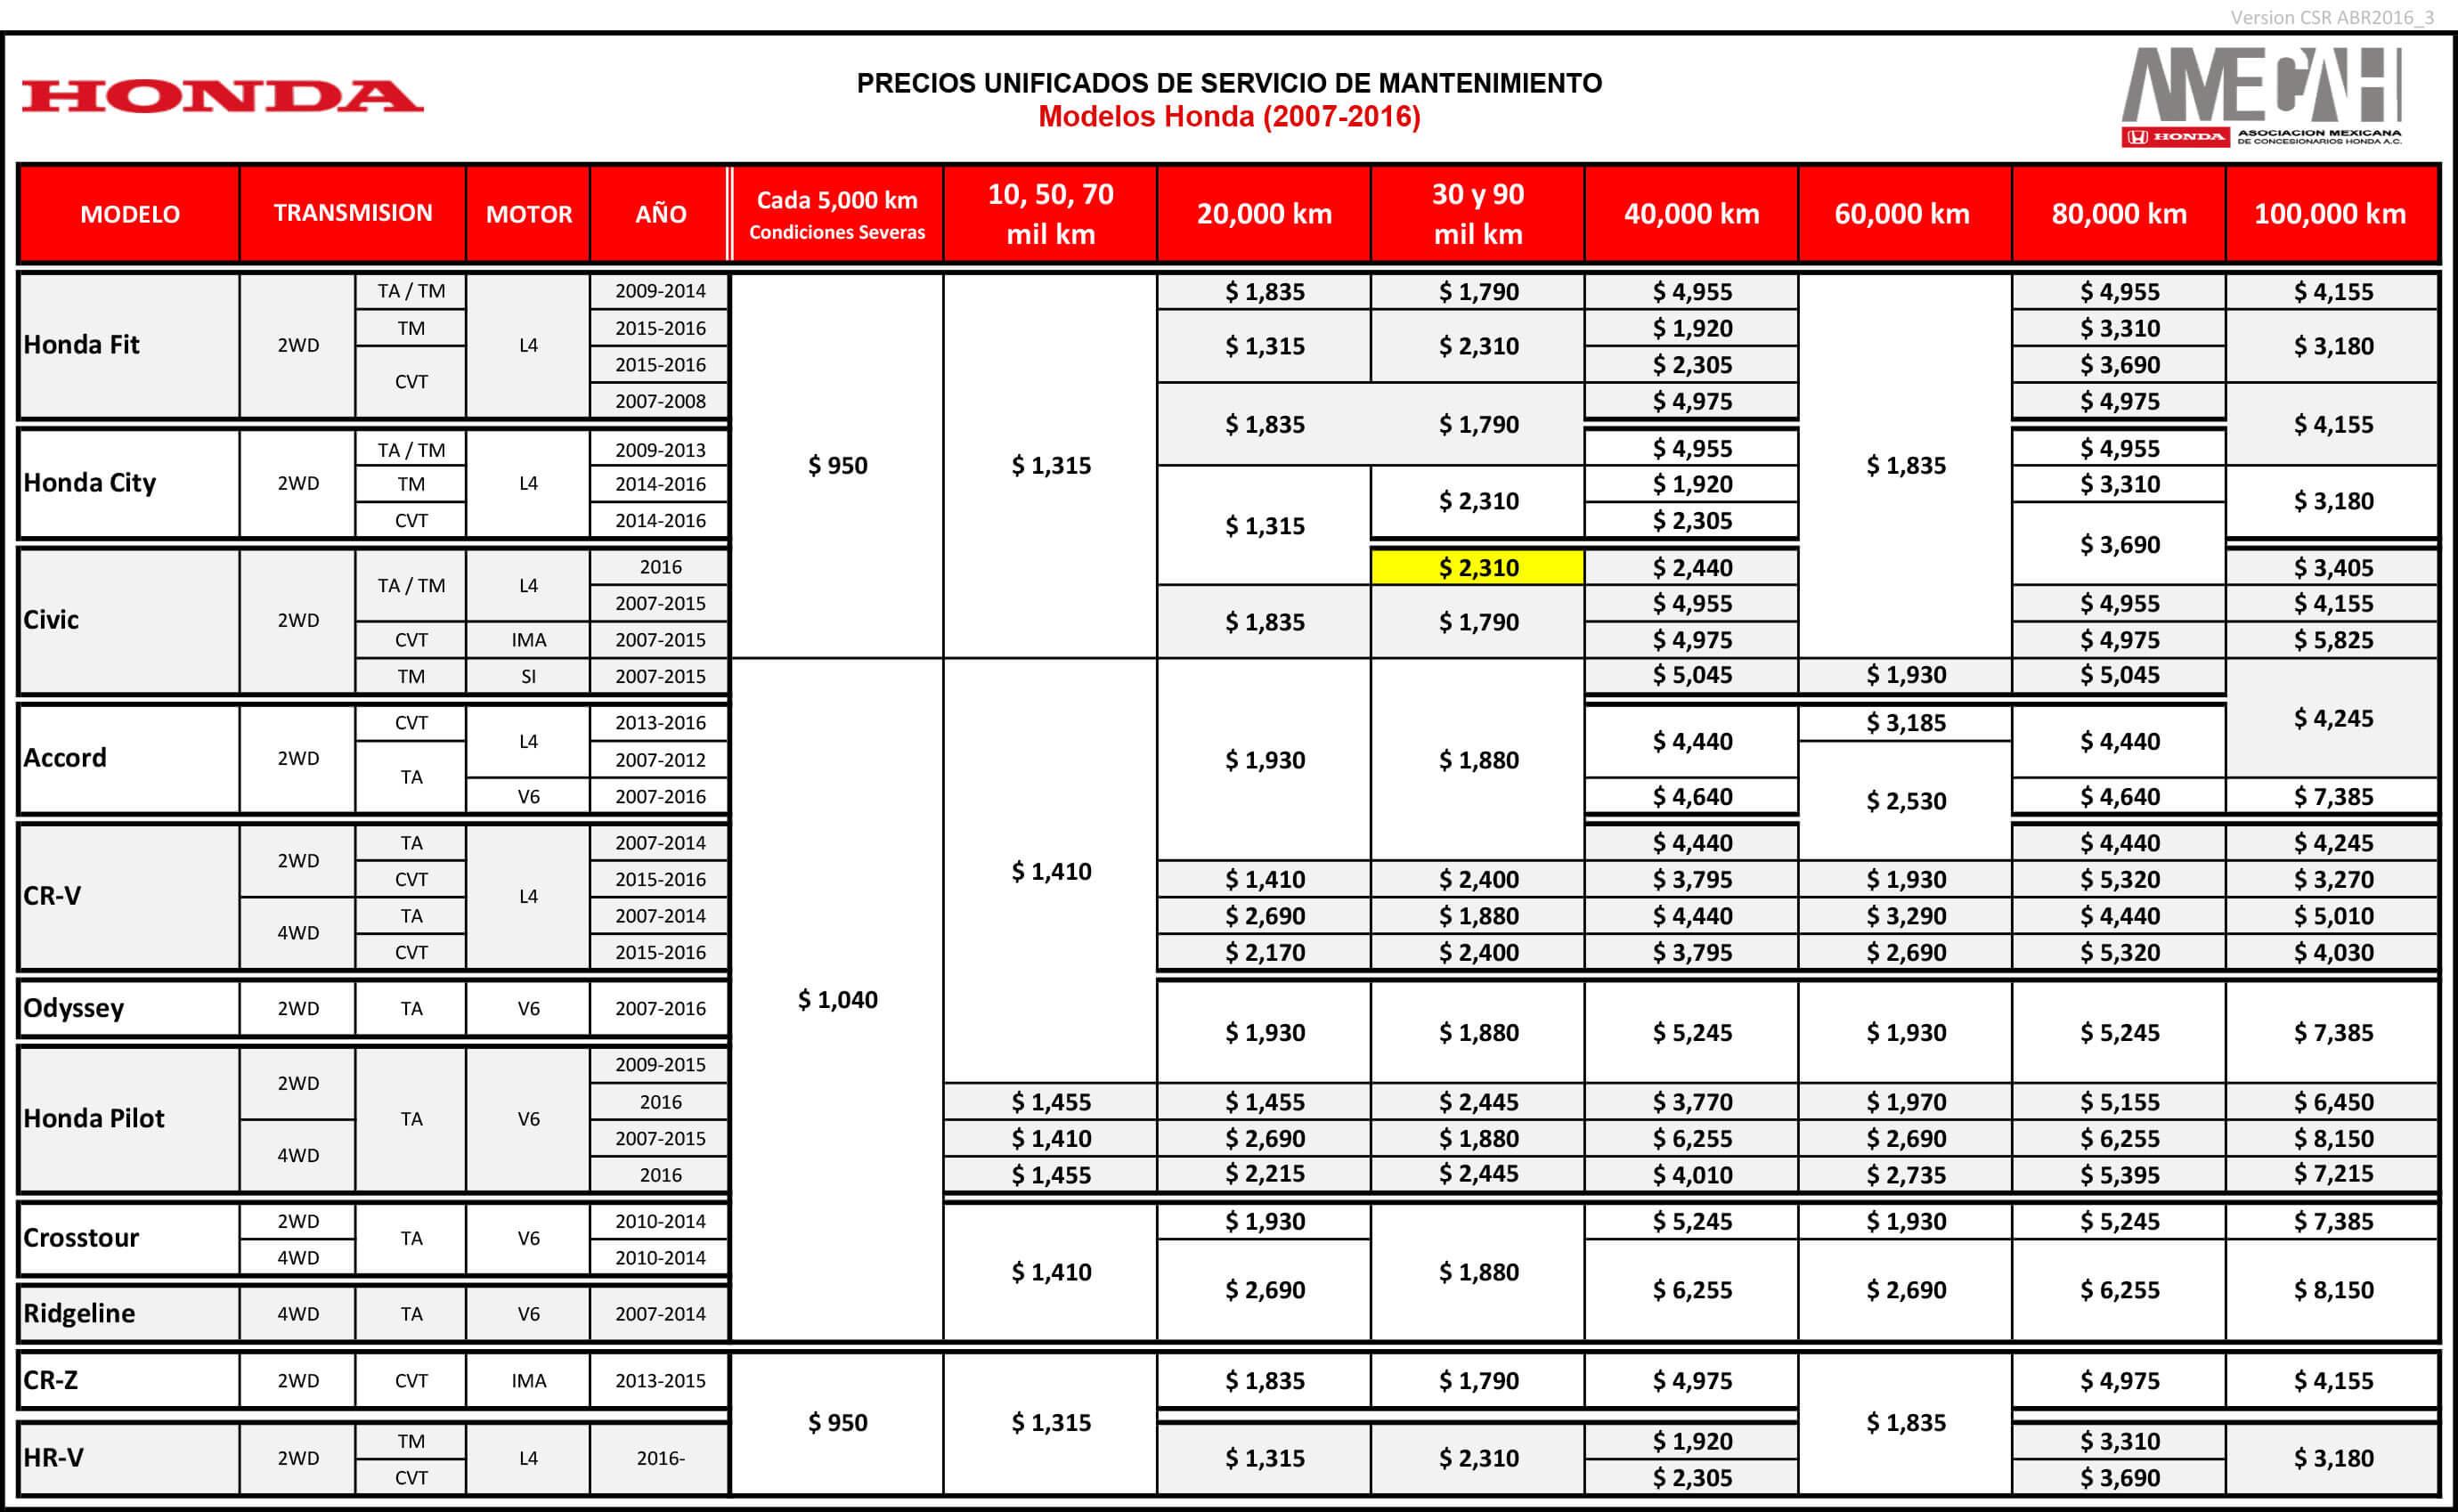 Precios de mantenimiento honda santa clara ecatepec - Mantenimiento de piscinas precio ...